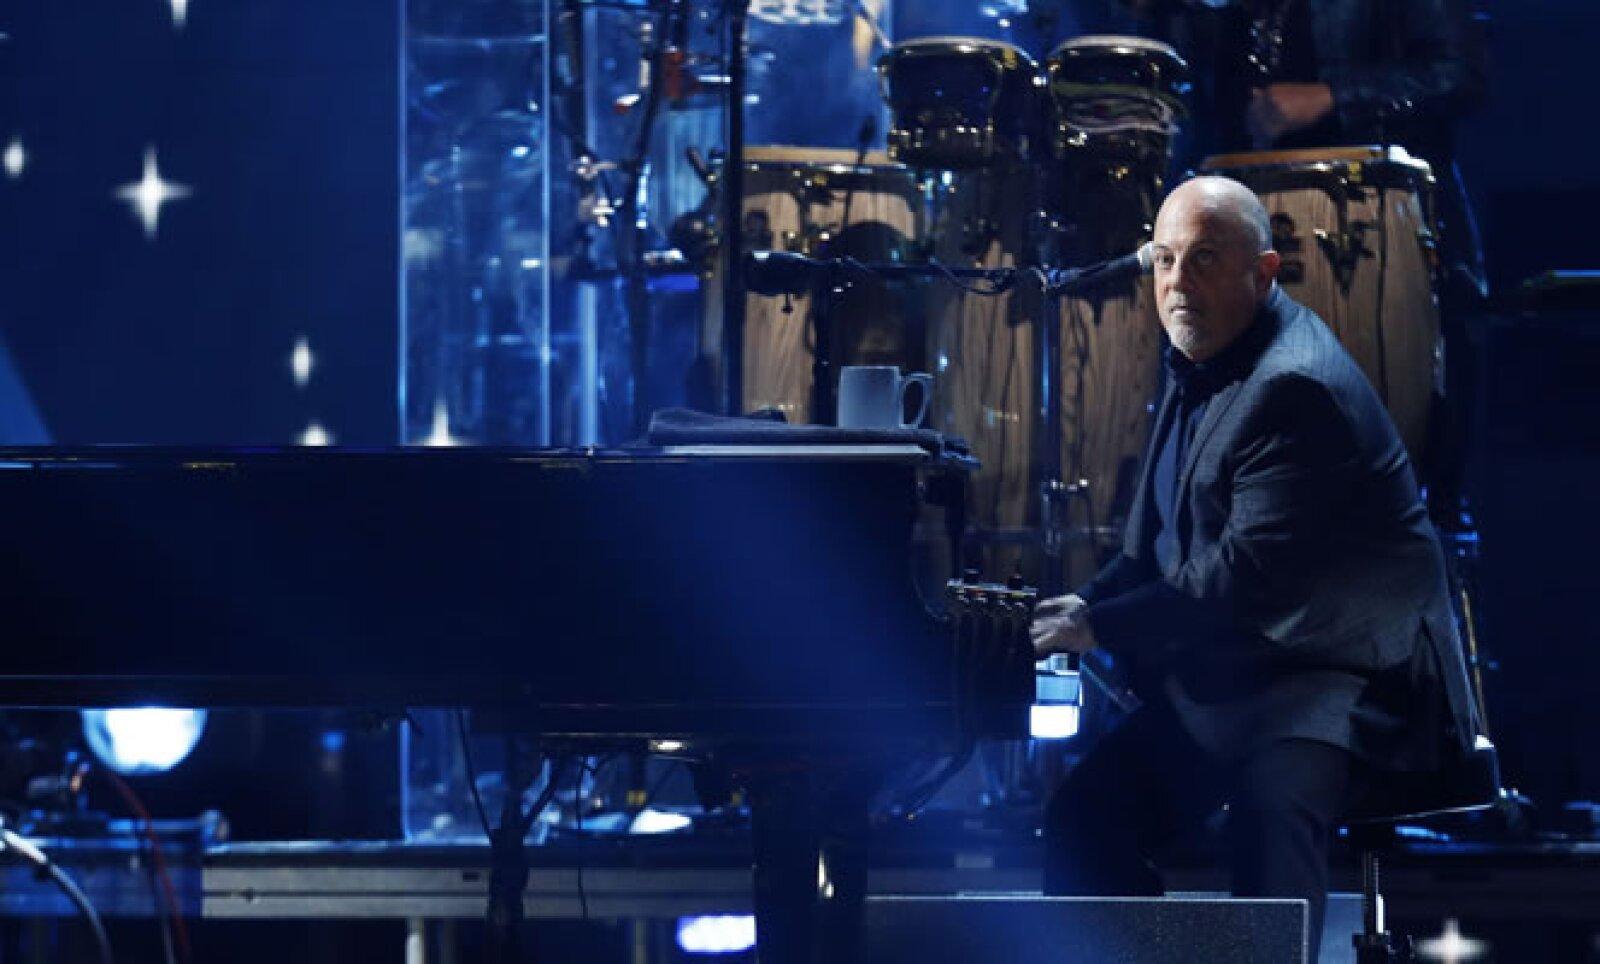 El Madison Square Garden en Manhattan albergó a artistas de la calidad de Billy Joel, quien interpretó en piano varios de sus éxitos, entre ellos 'You May Be Right' y 'Only the Good Die Young'.